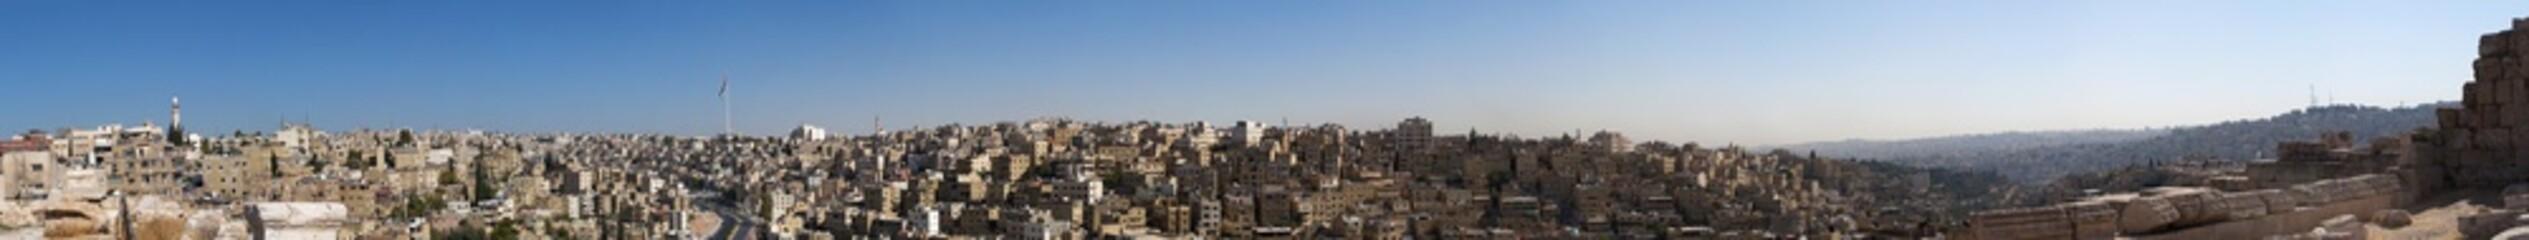 Giordania, 01/10/2013: lo skyline di Amman, la capitale e la città più popolosa del Regno hashemita di Giordania, con gli edifici, i palazzi e le case visti dall'antica Cittadella